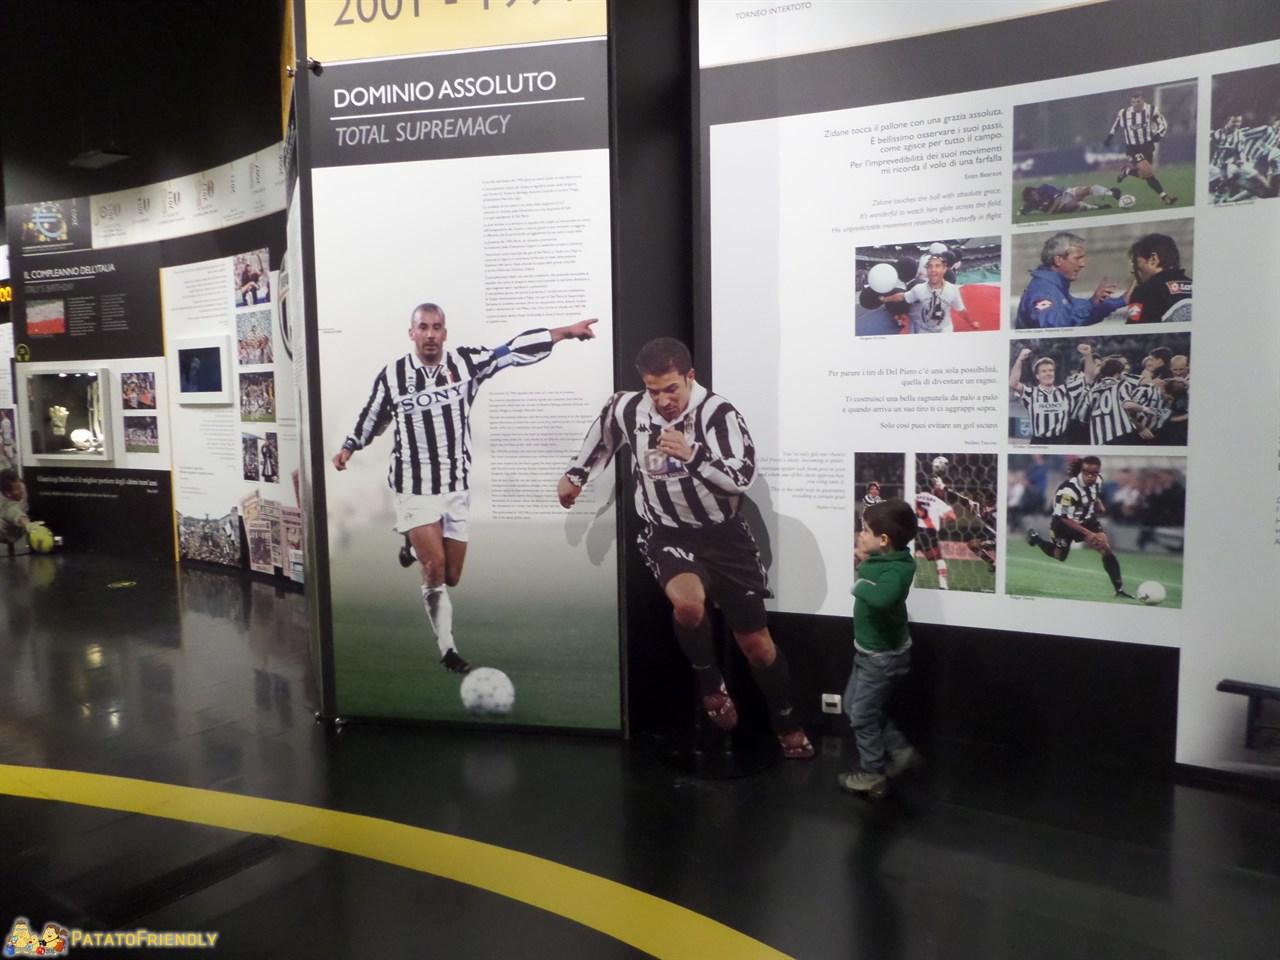 [cml_media_alt id='9625']I Musei di Torino per i bambini - Il Museo della Juventus per tifosi della Juve[/cml_media_alt]